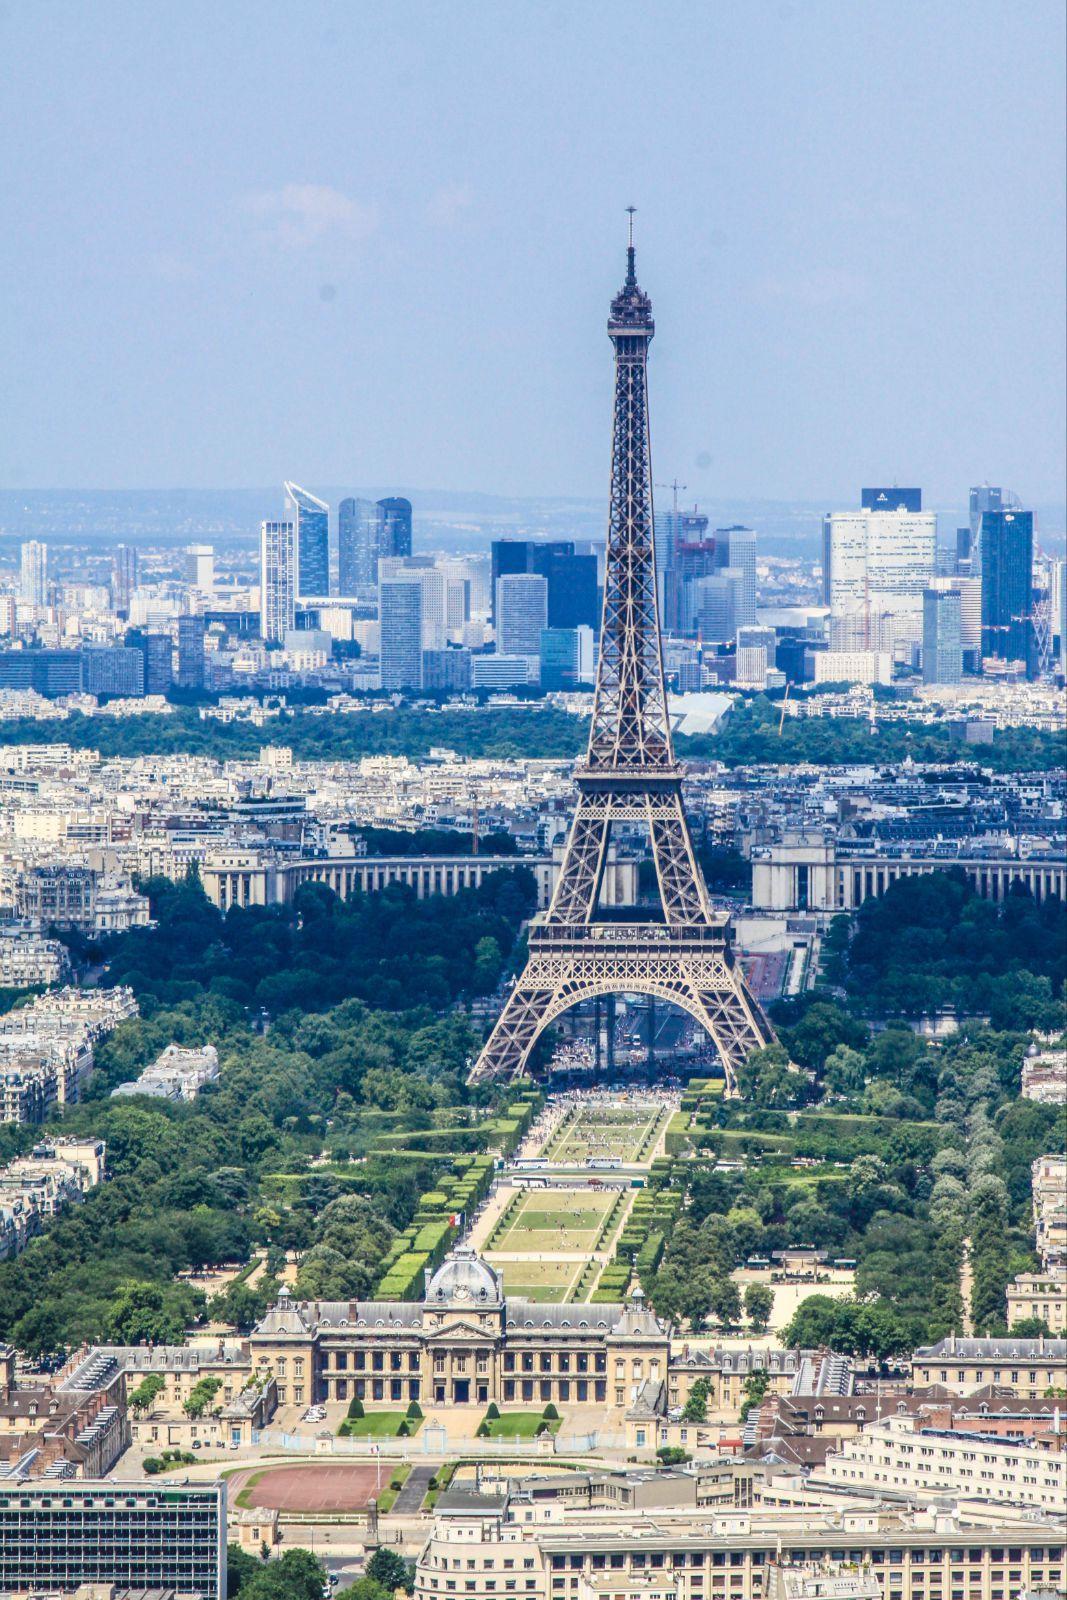 法国埃菲尔铁塔墙围栏图片